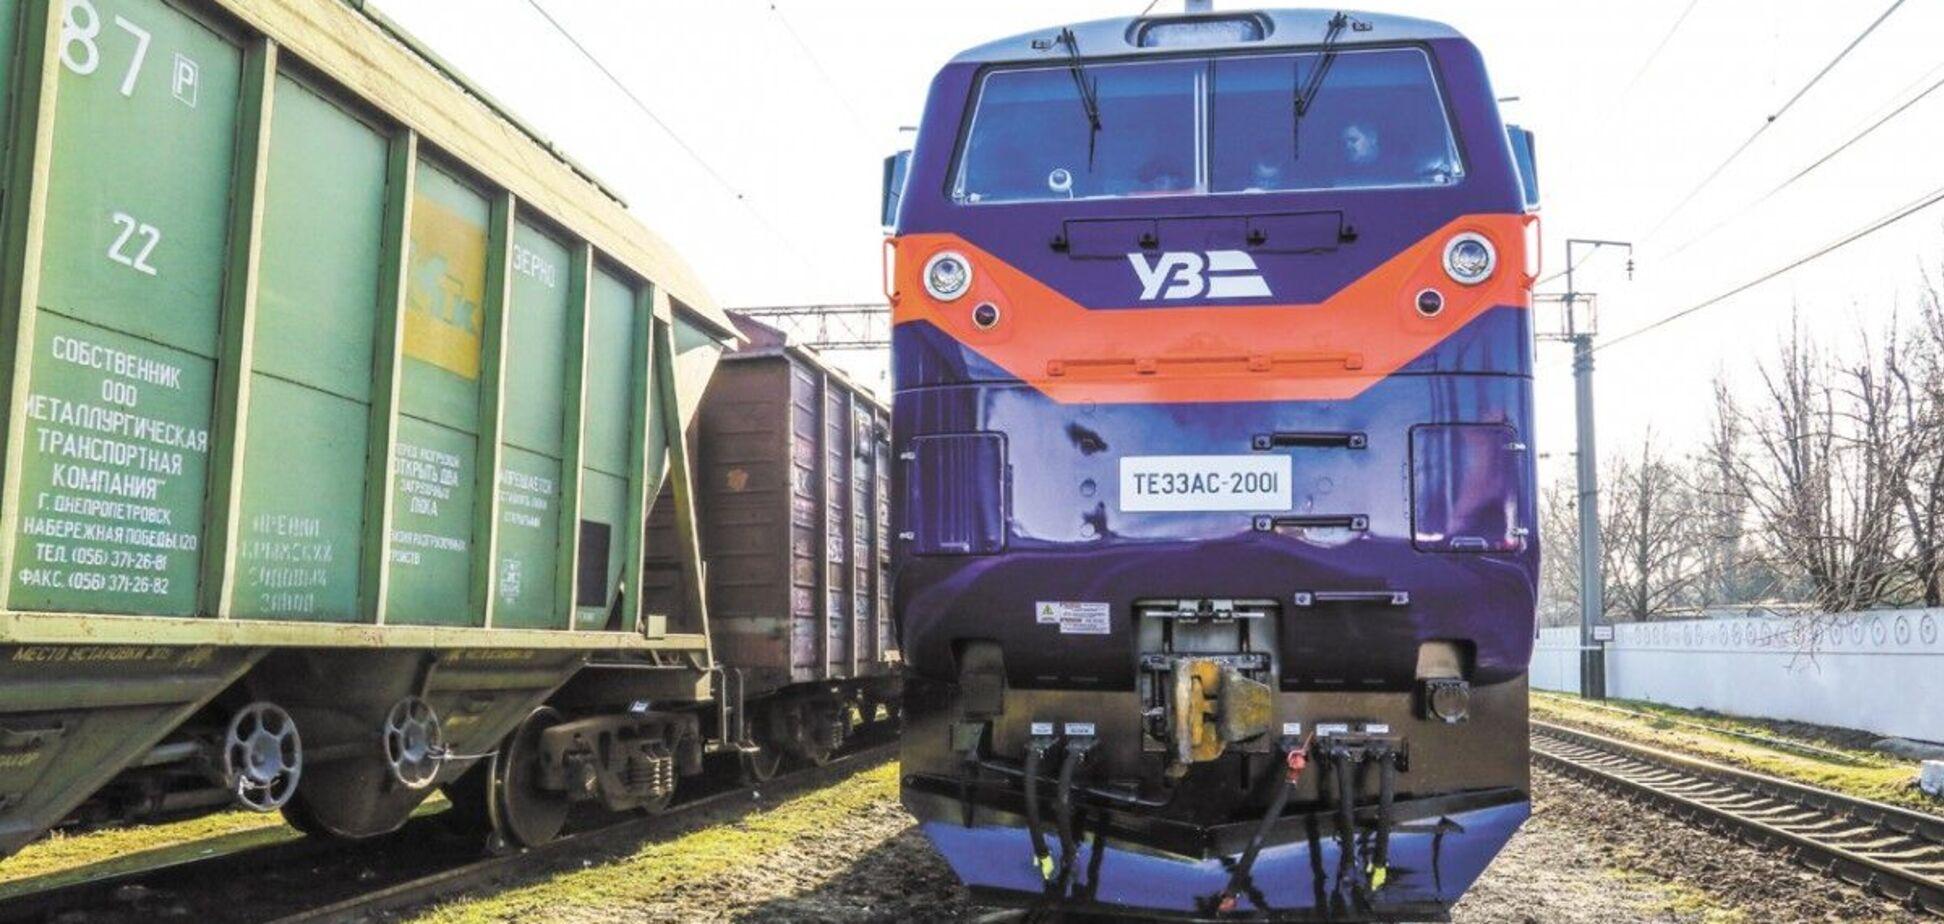 УЗ підвищила ціни на вагони та вантажні перевезення, хоча якість послуг погіршується, – Вовк